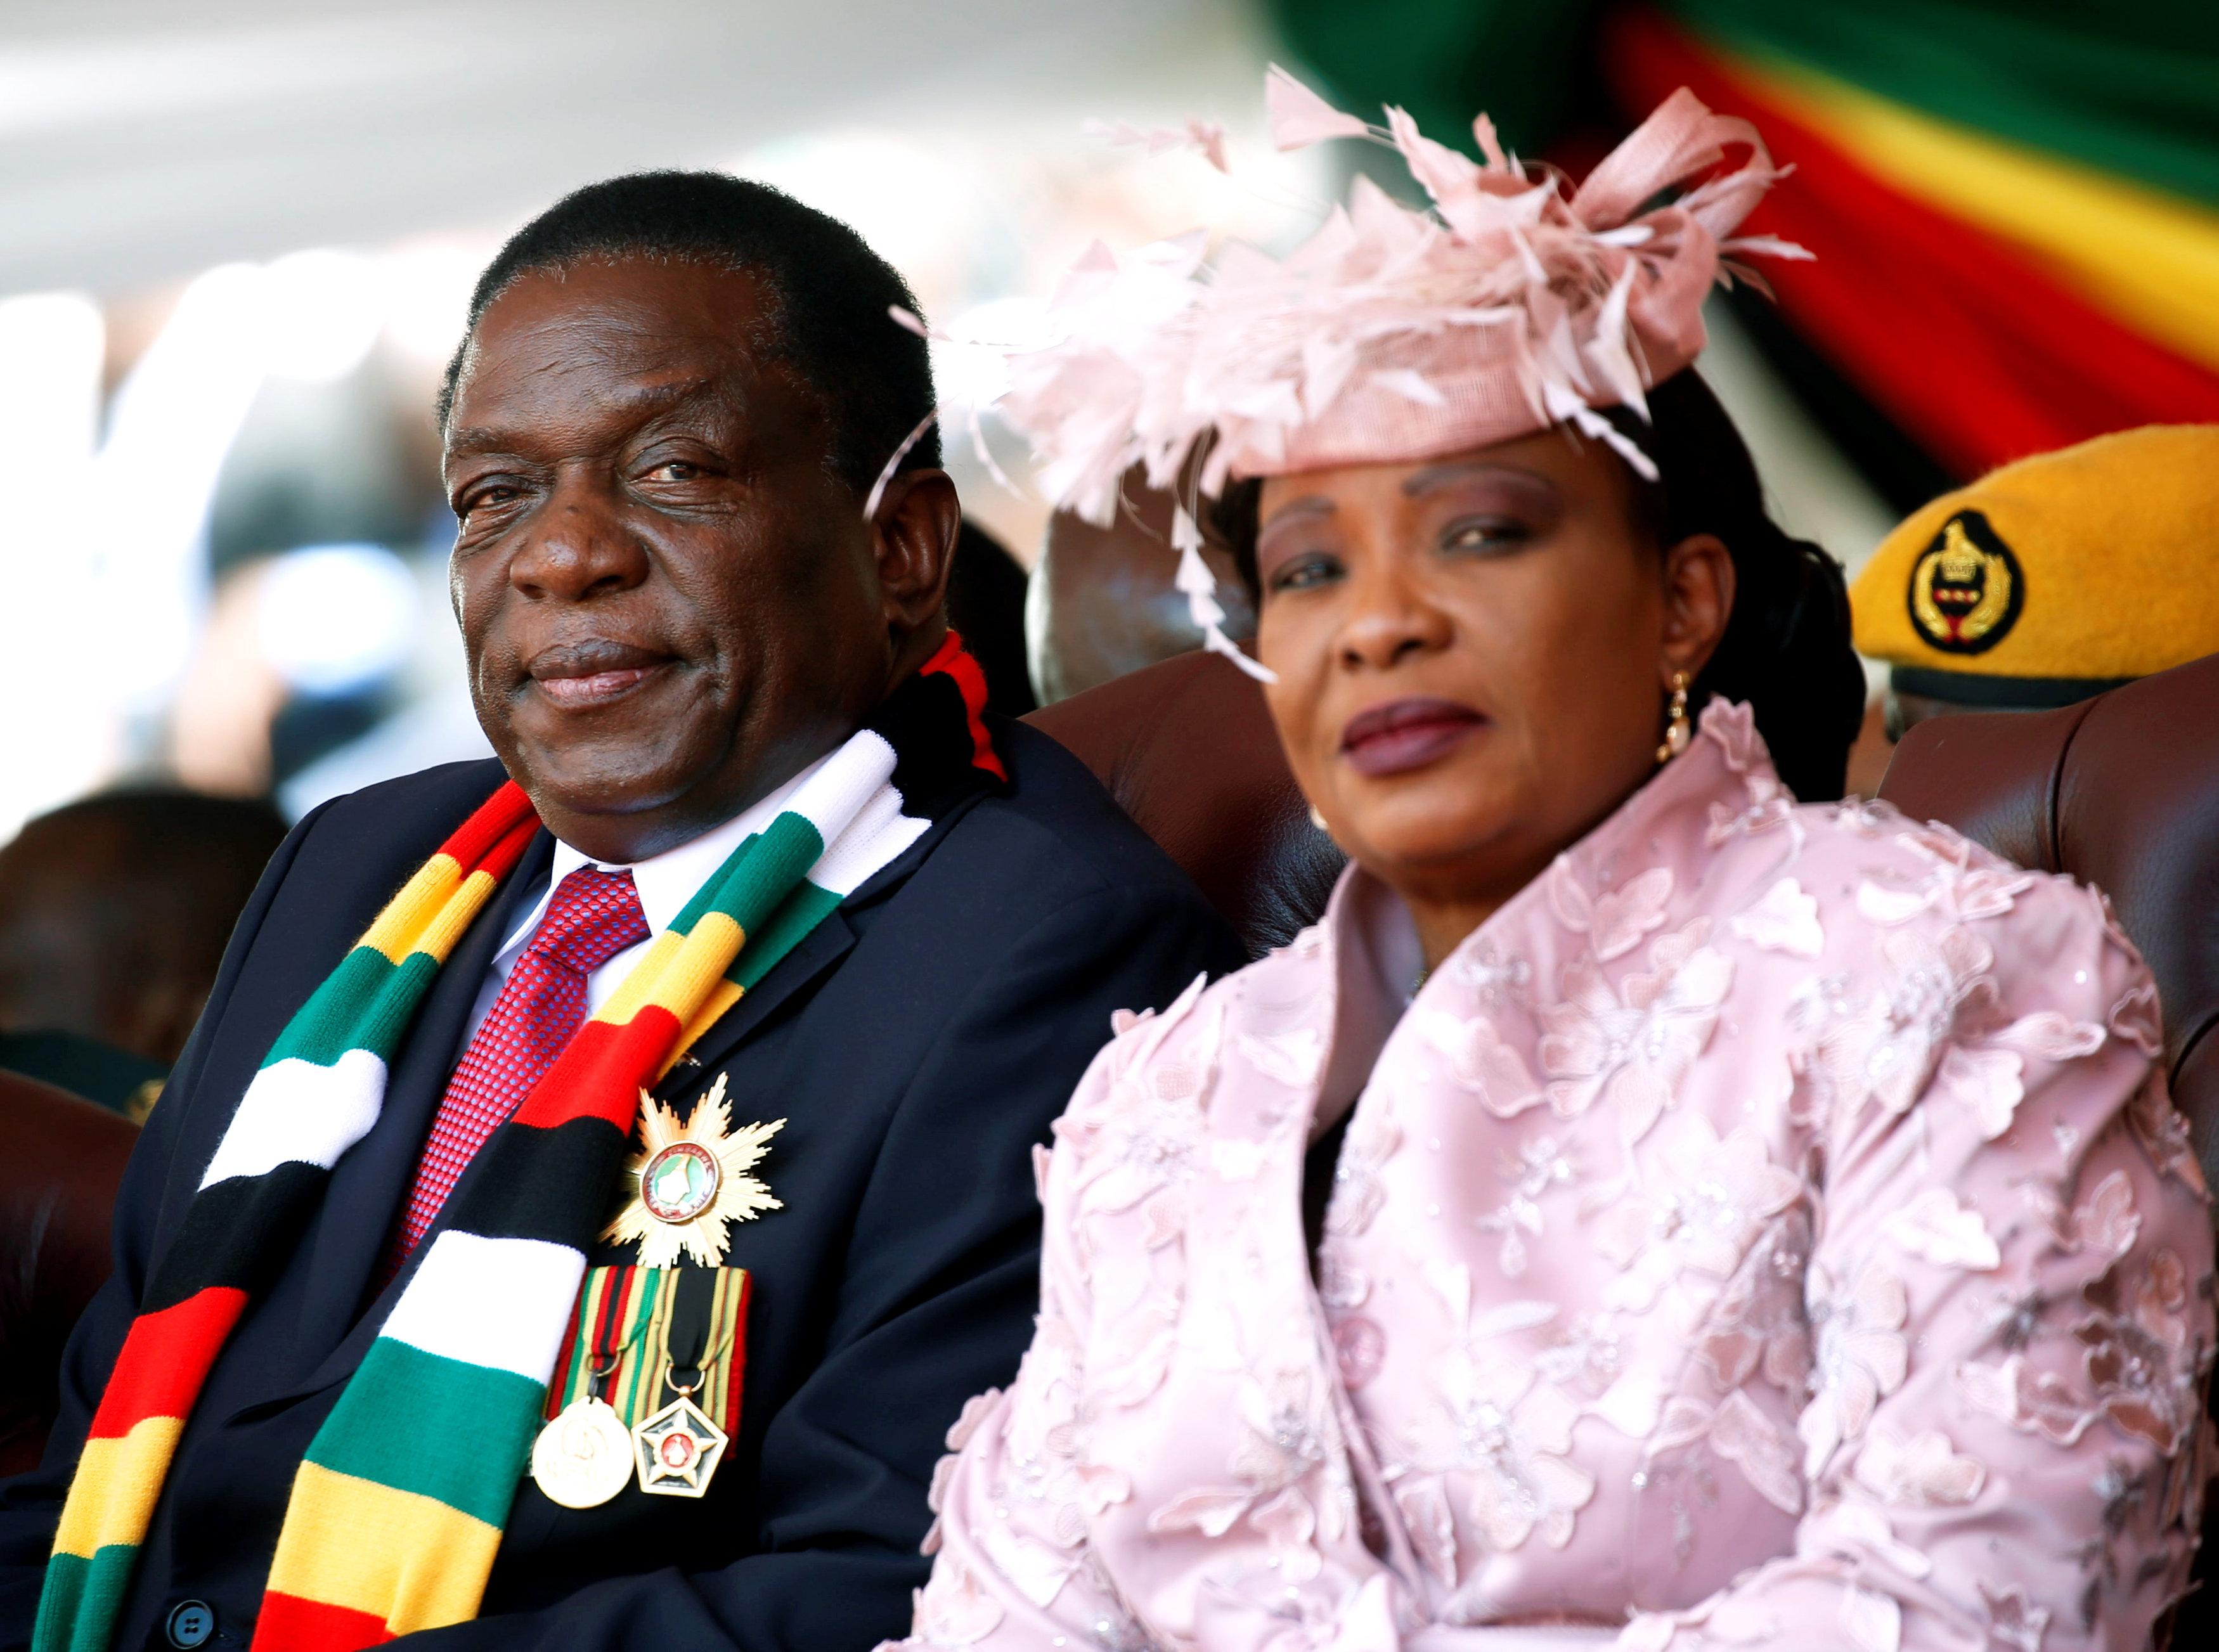 رئيس زيمبابوى وزوجته فى مراسم حفل التنصيب